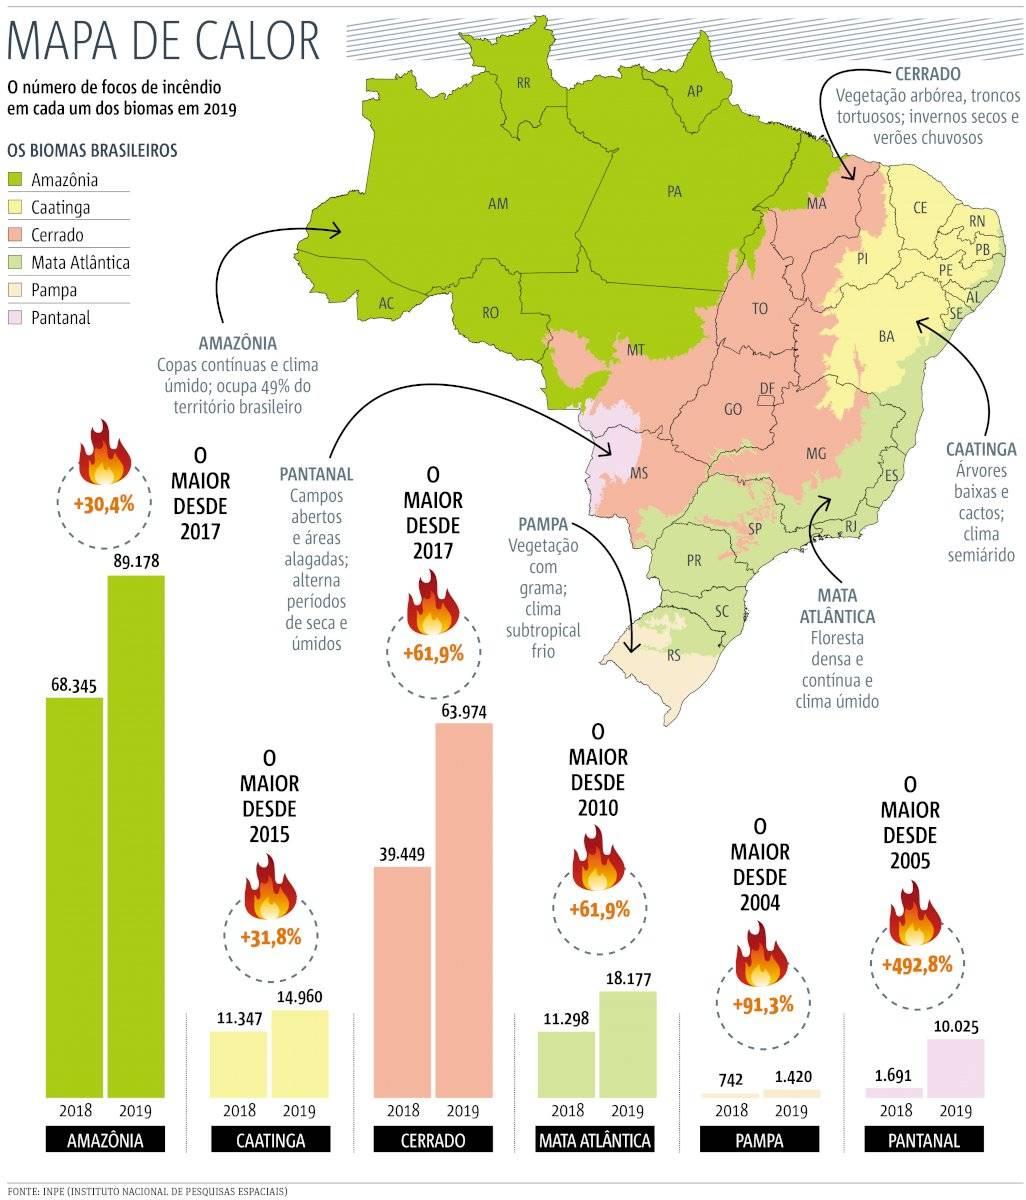 Mapa de Calor - incêndio biomas brasileiros em 2019